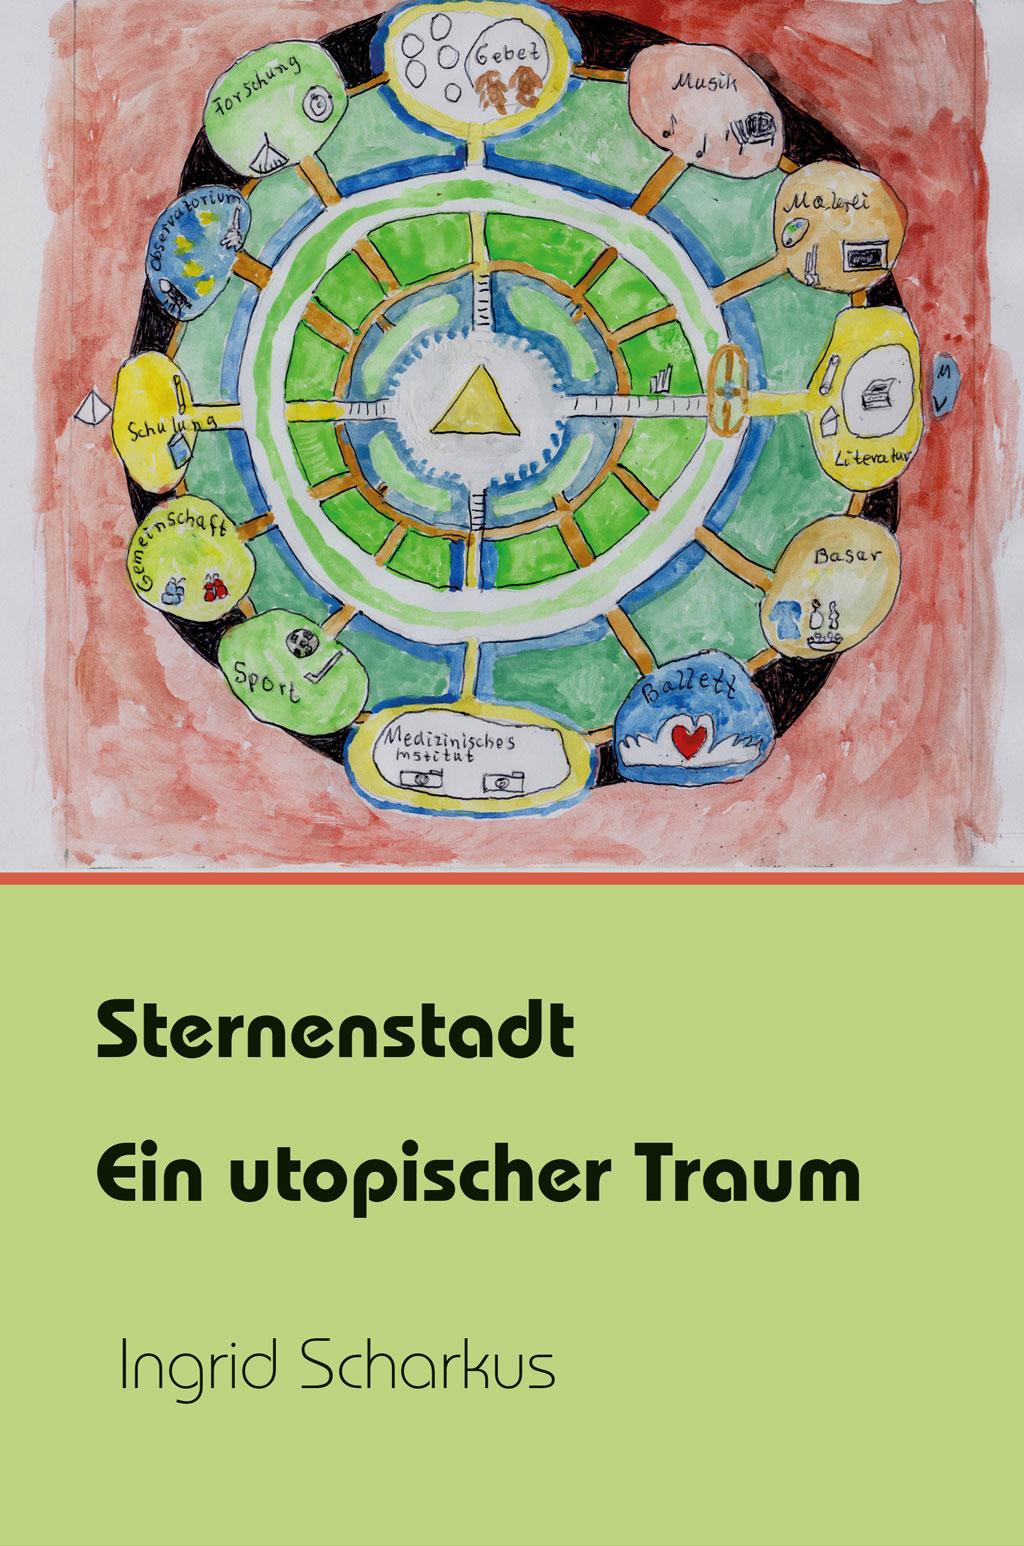 Ingrid Scharkus: Sternenstadt. Ein utopischer Traum